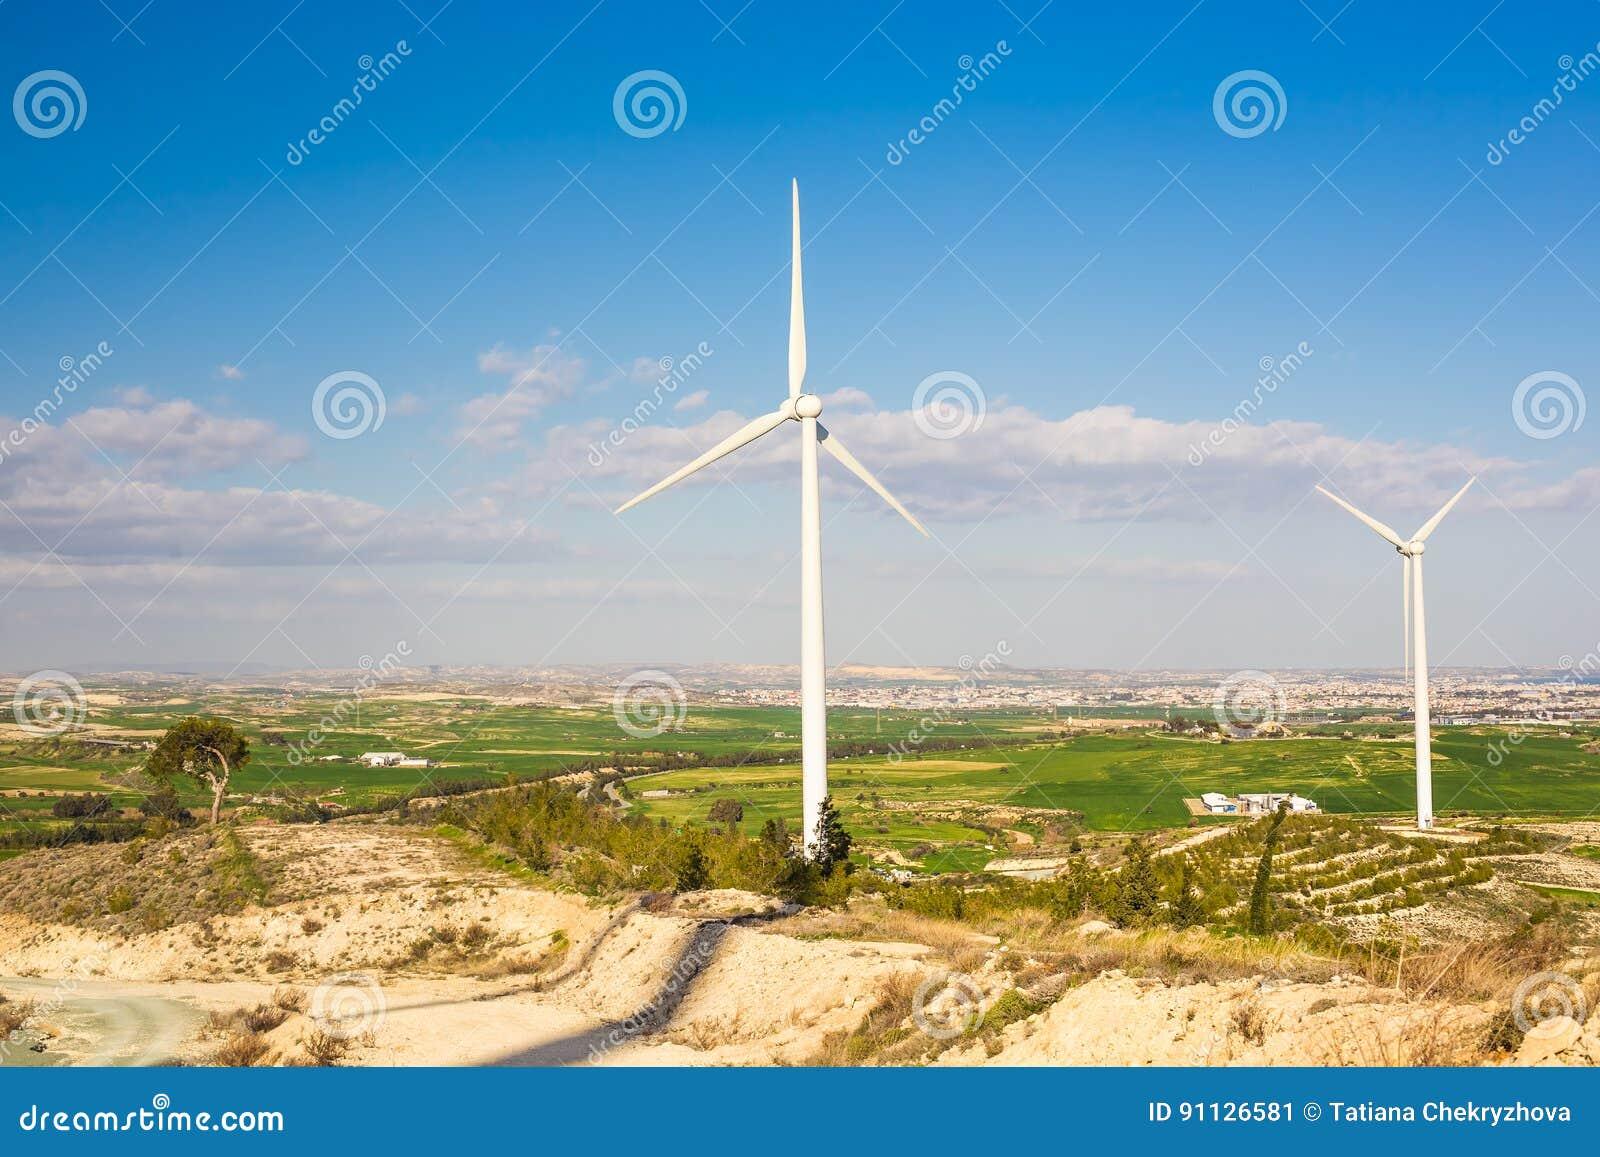 Turbinas de viento que generan la electricidad con el cielo azul - concepto del ahorro de energía